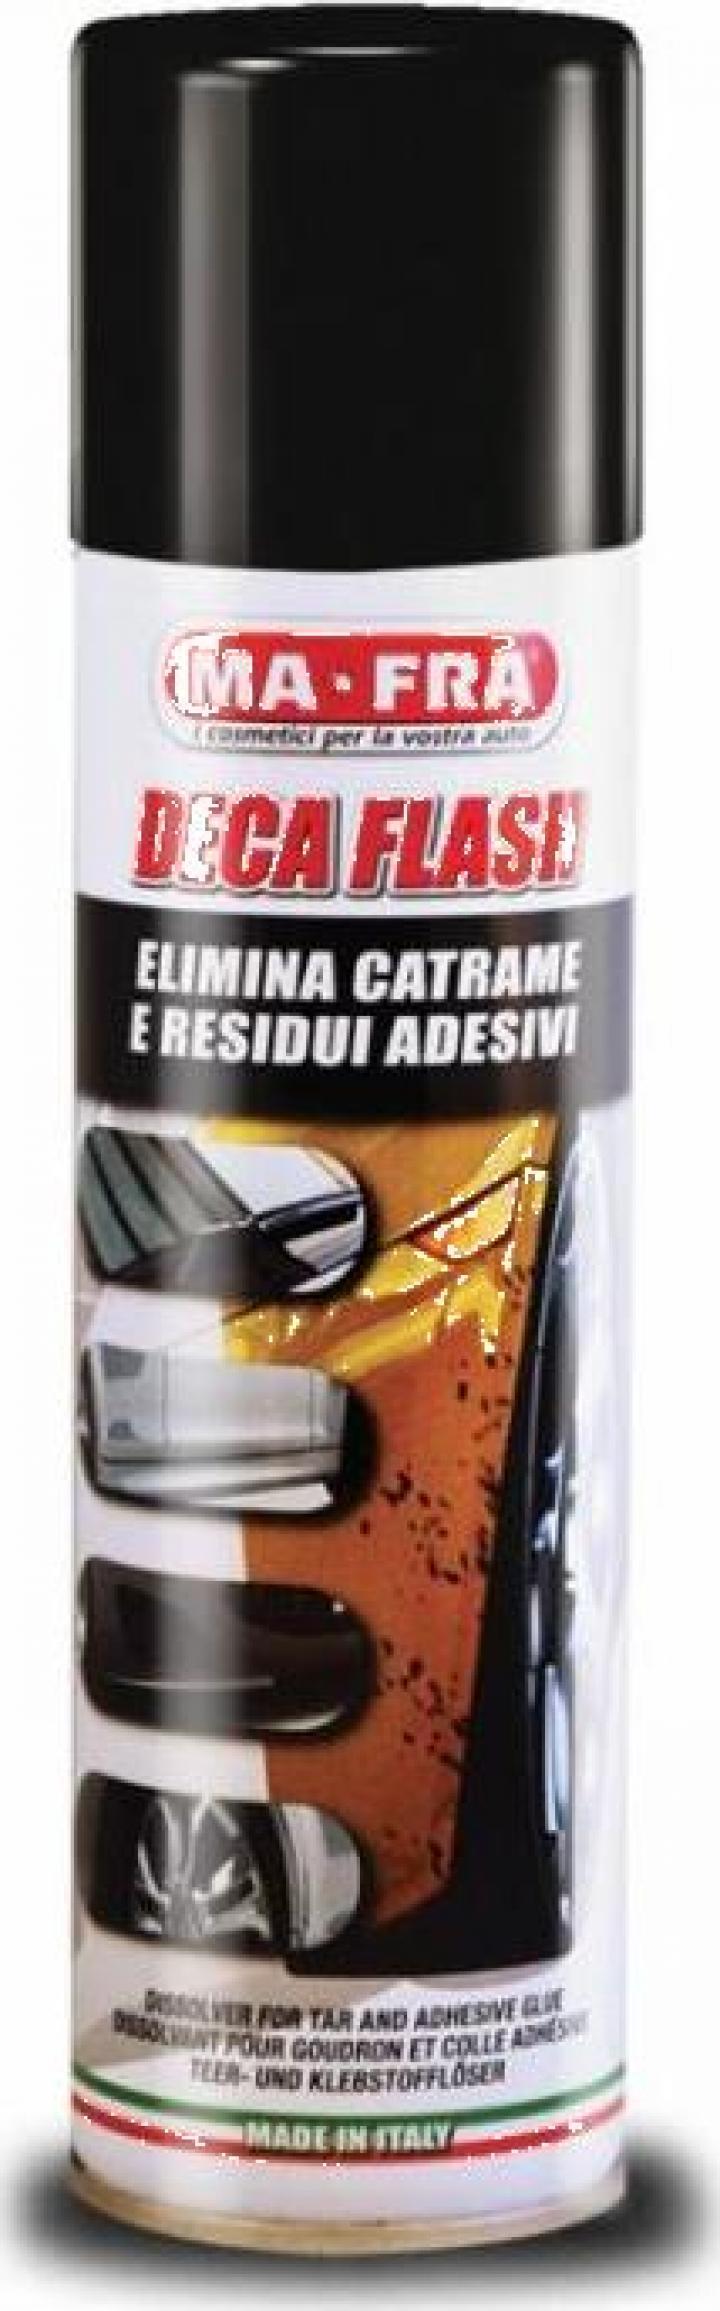 Solutie curatare bitum Deca Flash